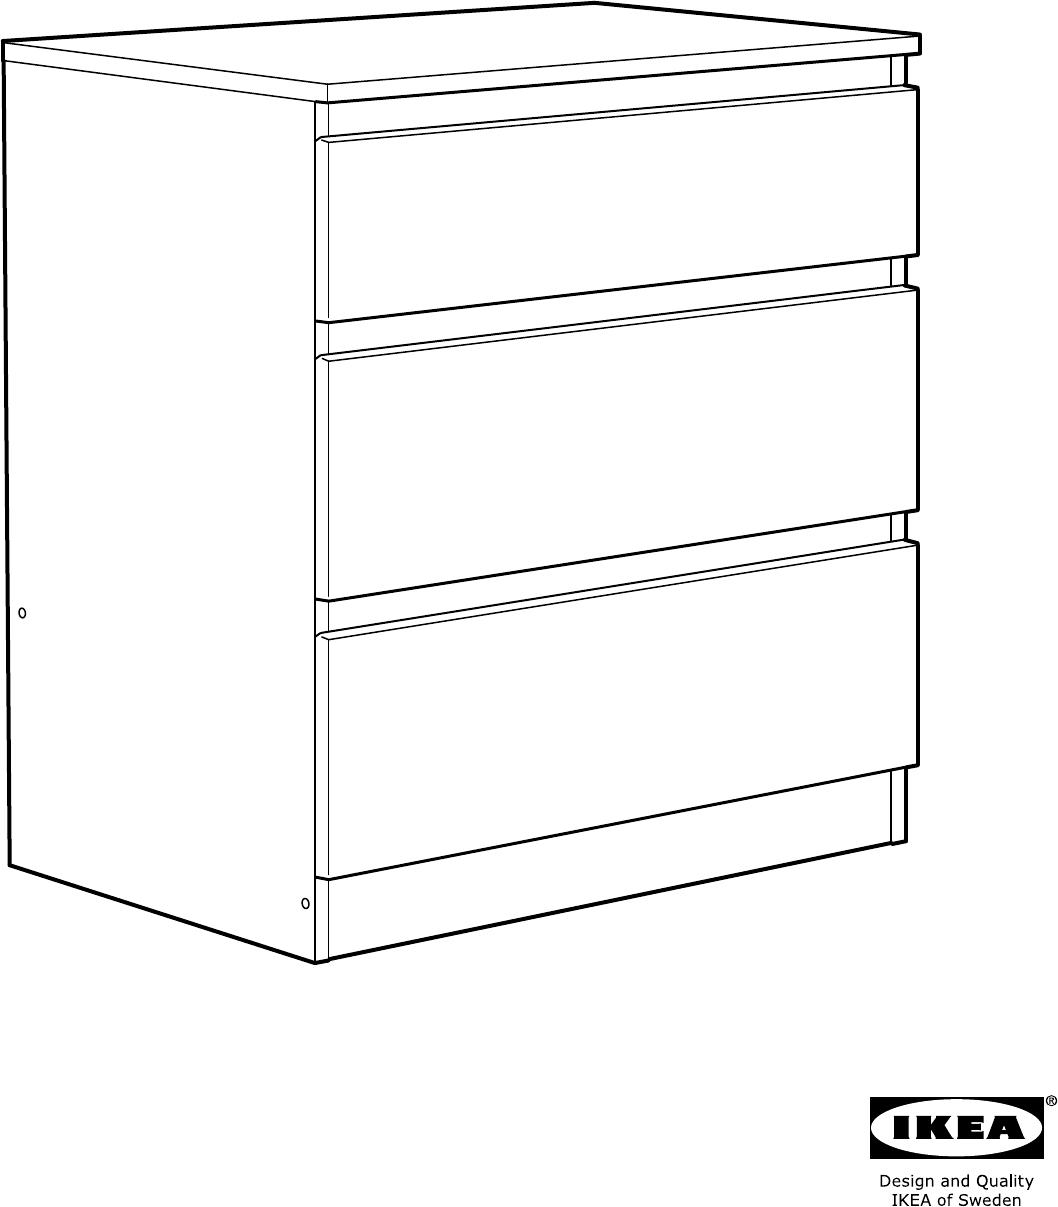 Ikea Kullen Garderobekast.Handleiding Ikea Kullen Ladekast 3 Lades Pagina 2 Van 20